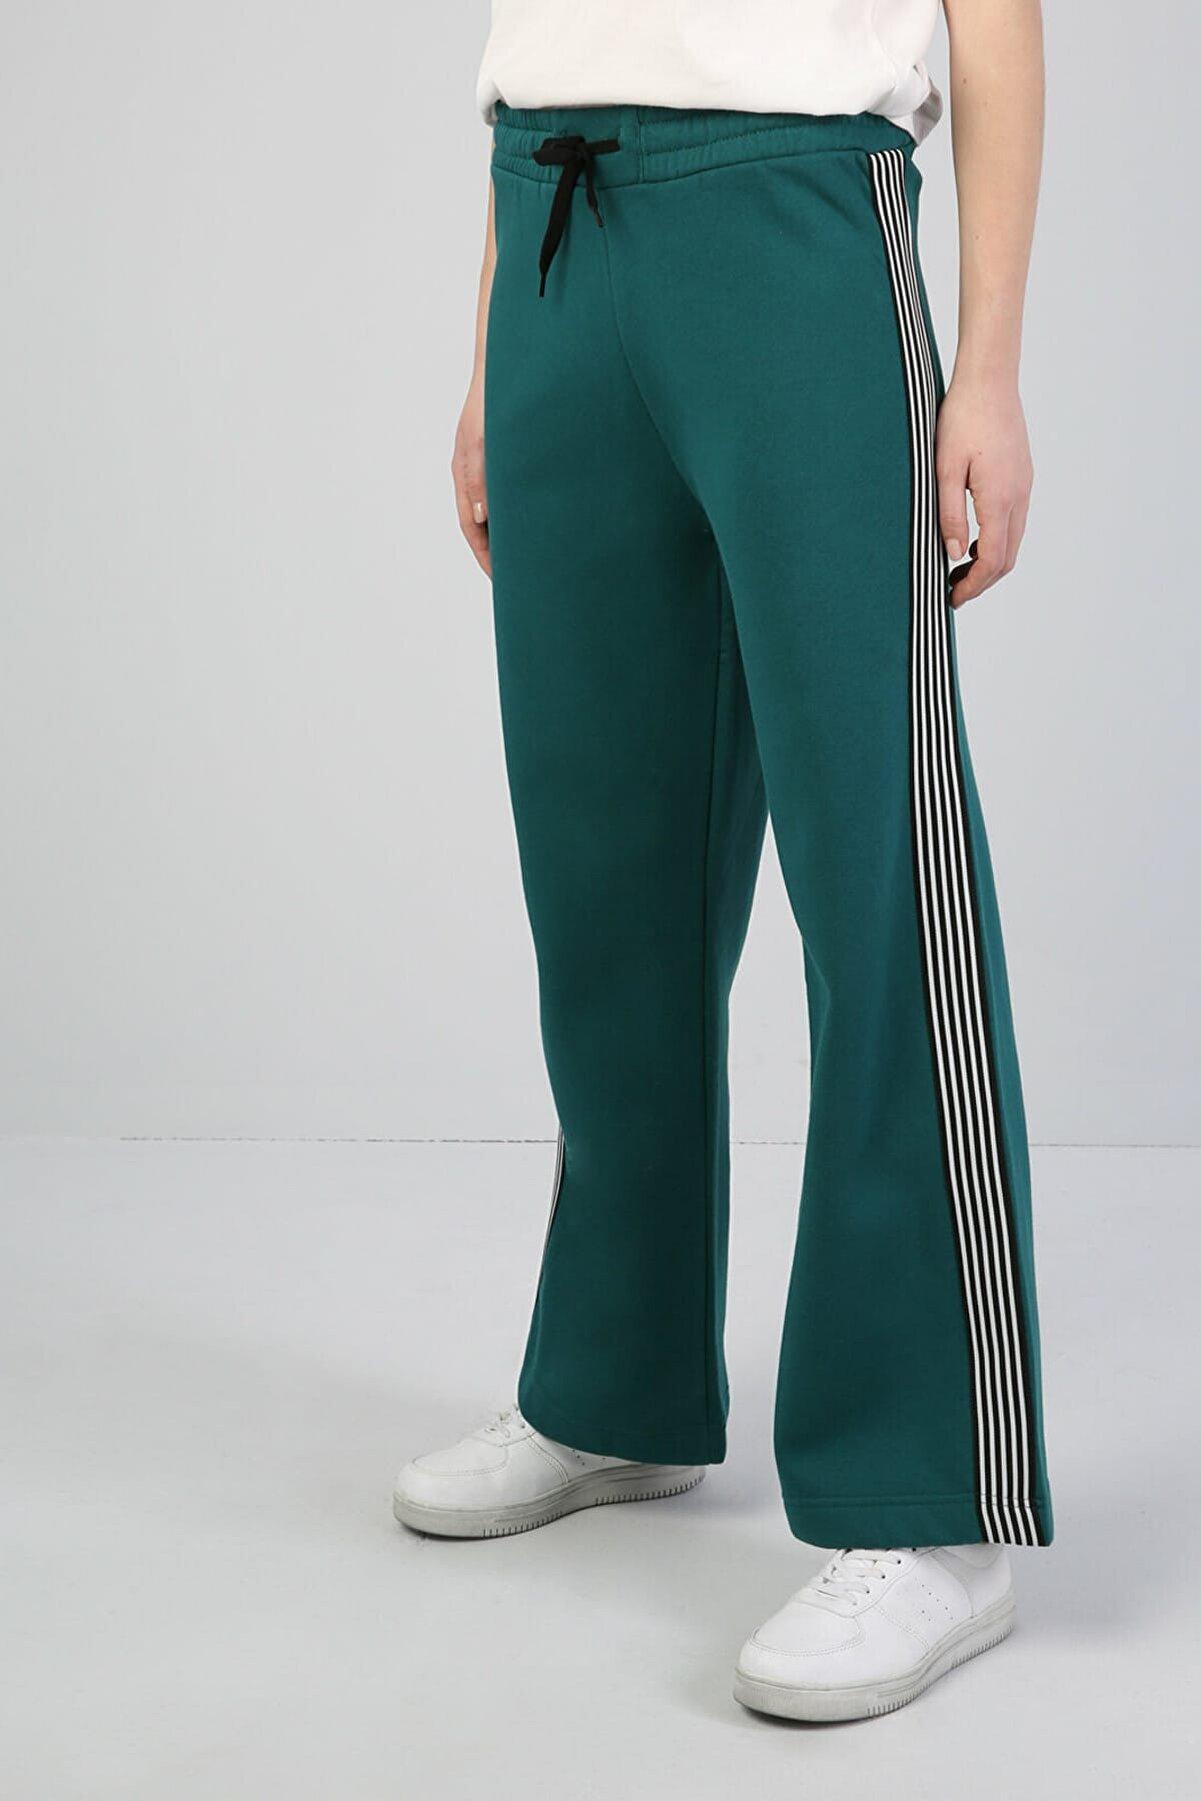 Colin's KADIN Comfort Fit Kadın Yeşil Eşofman Altı CL1041633